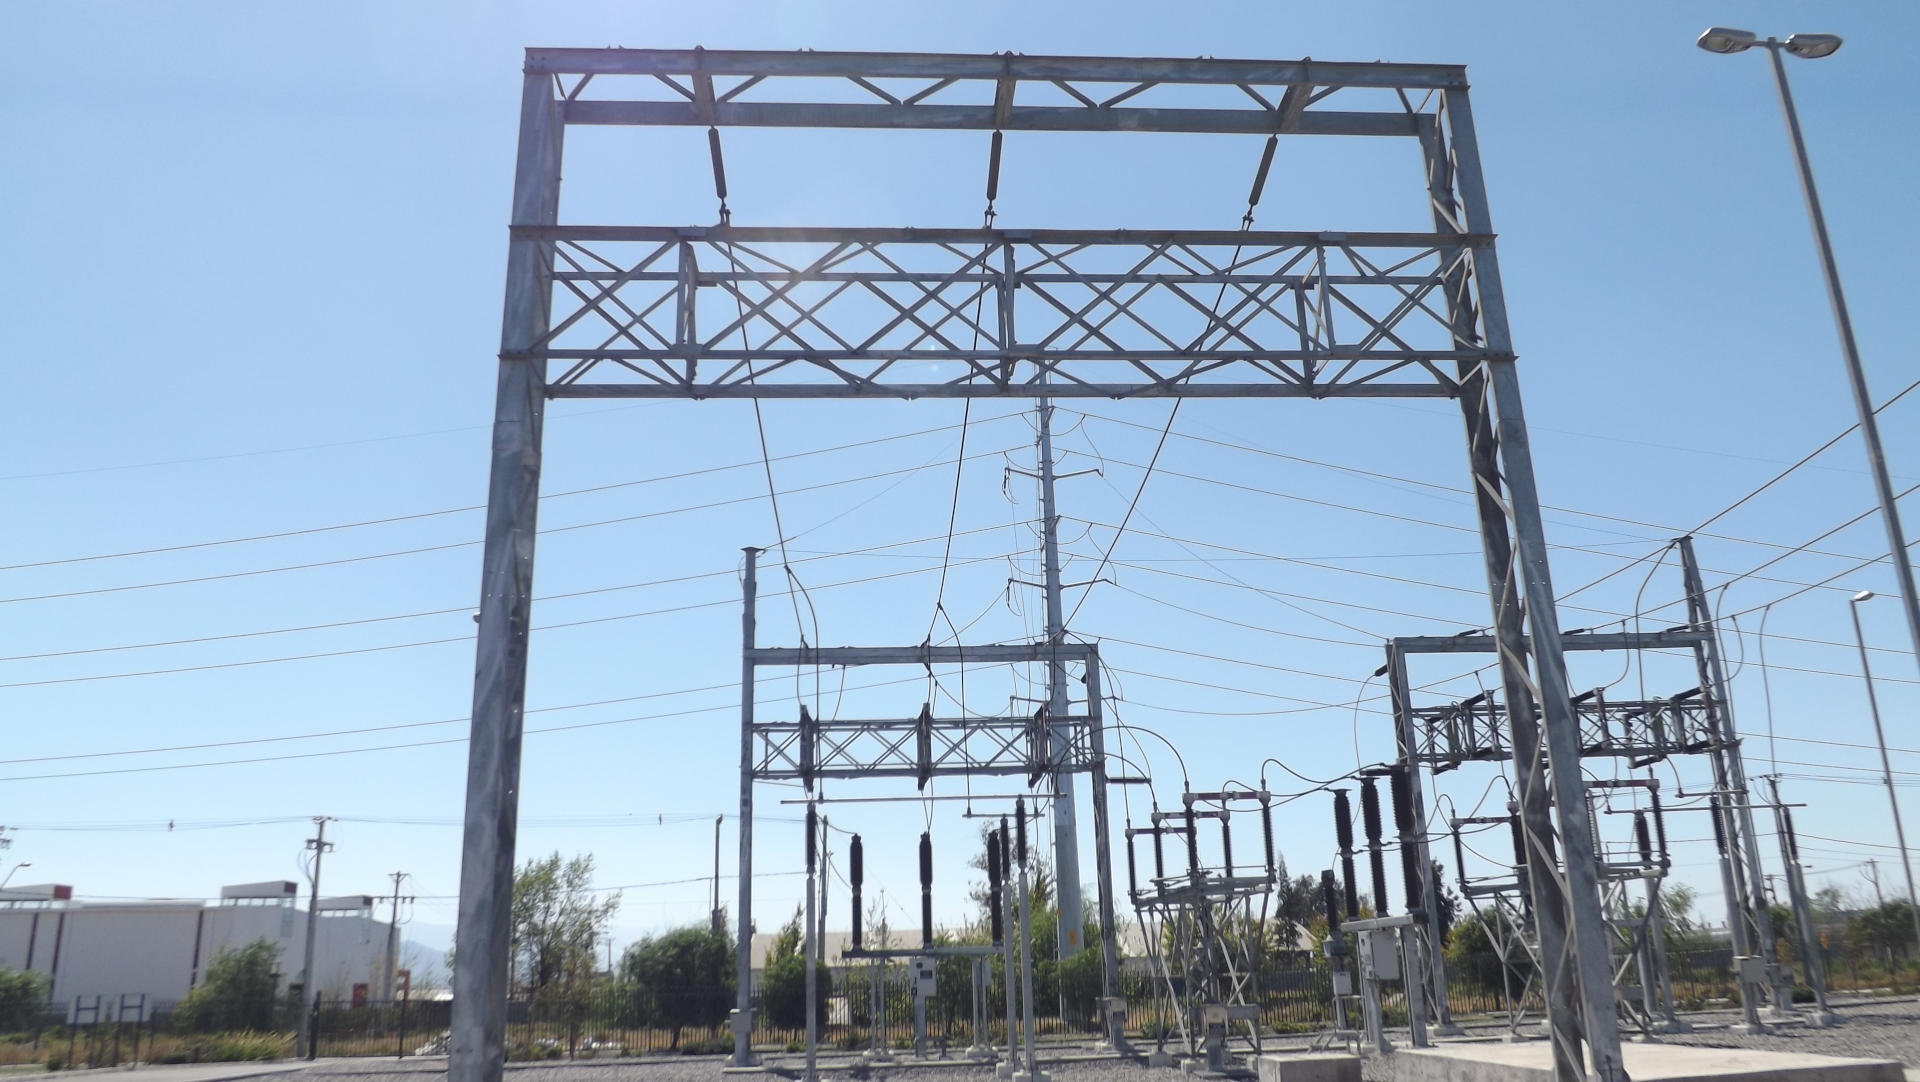 DOS SUBESTACIONES 220/23 kV PLANTA SOLAR 100 MW LLANO DE LLAMPO.